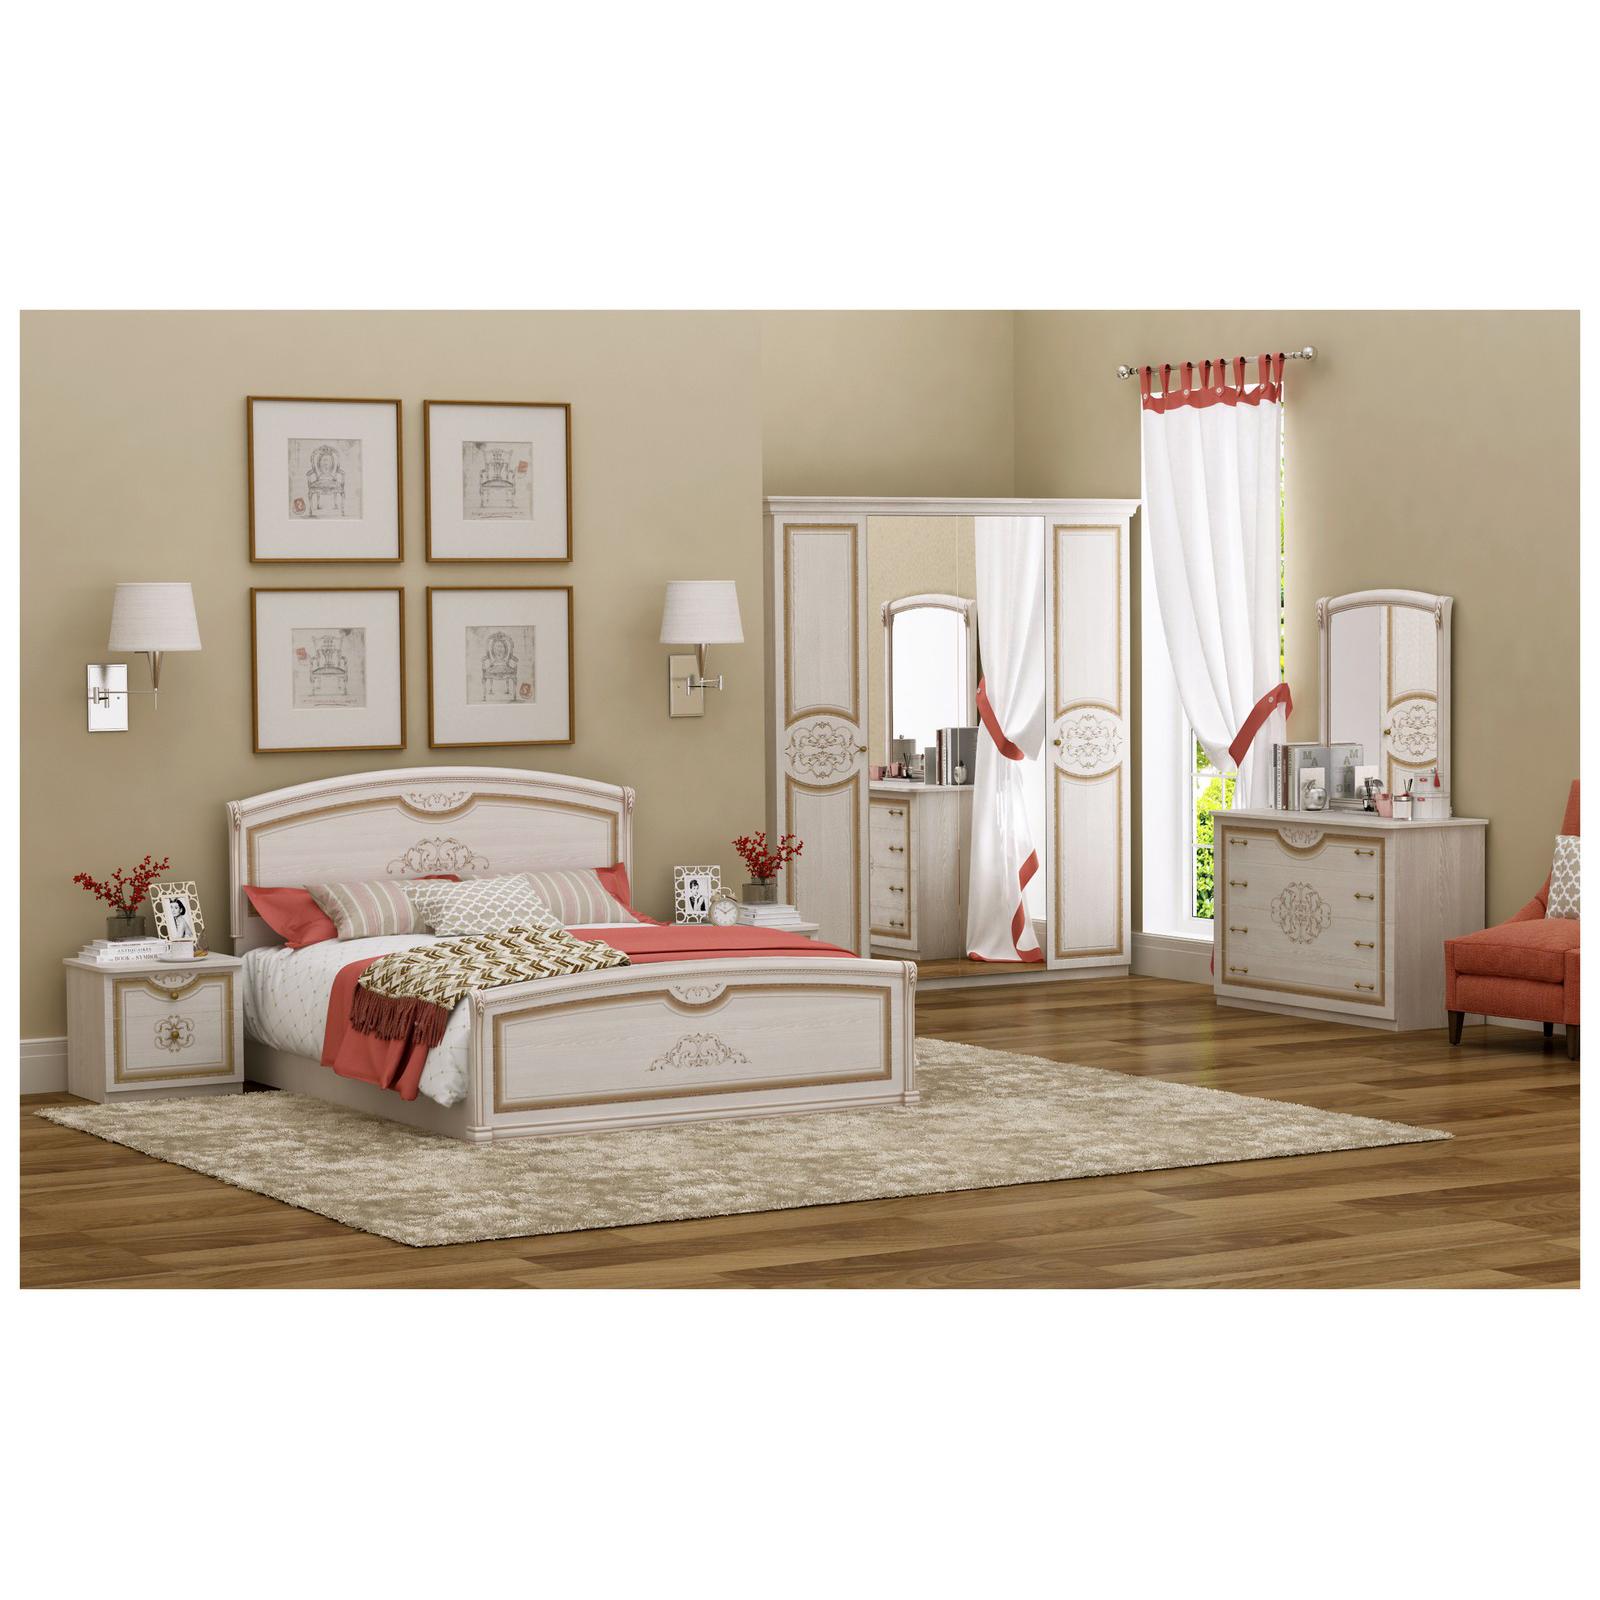 Верона спальня (беж)